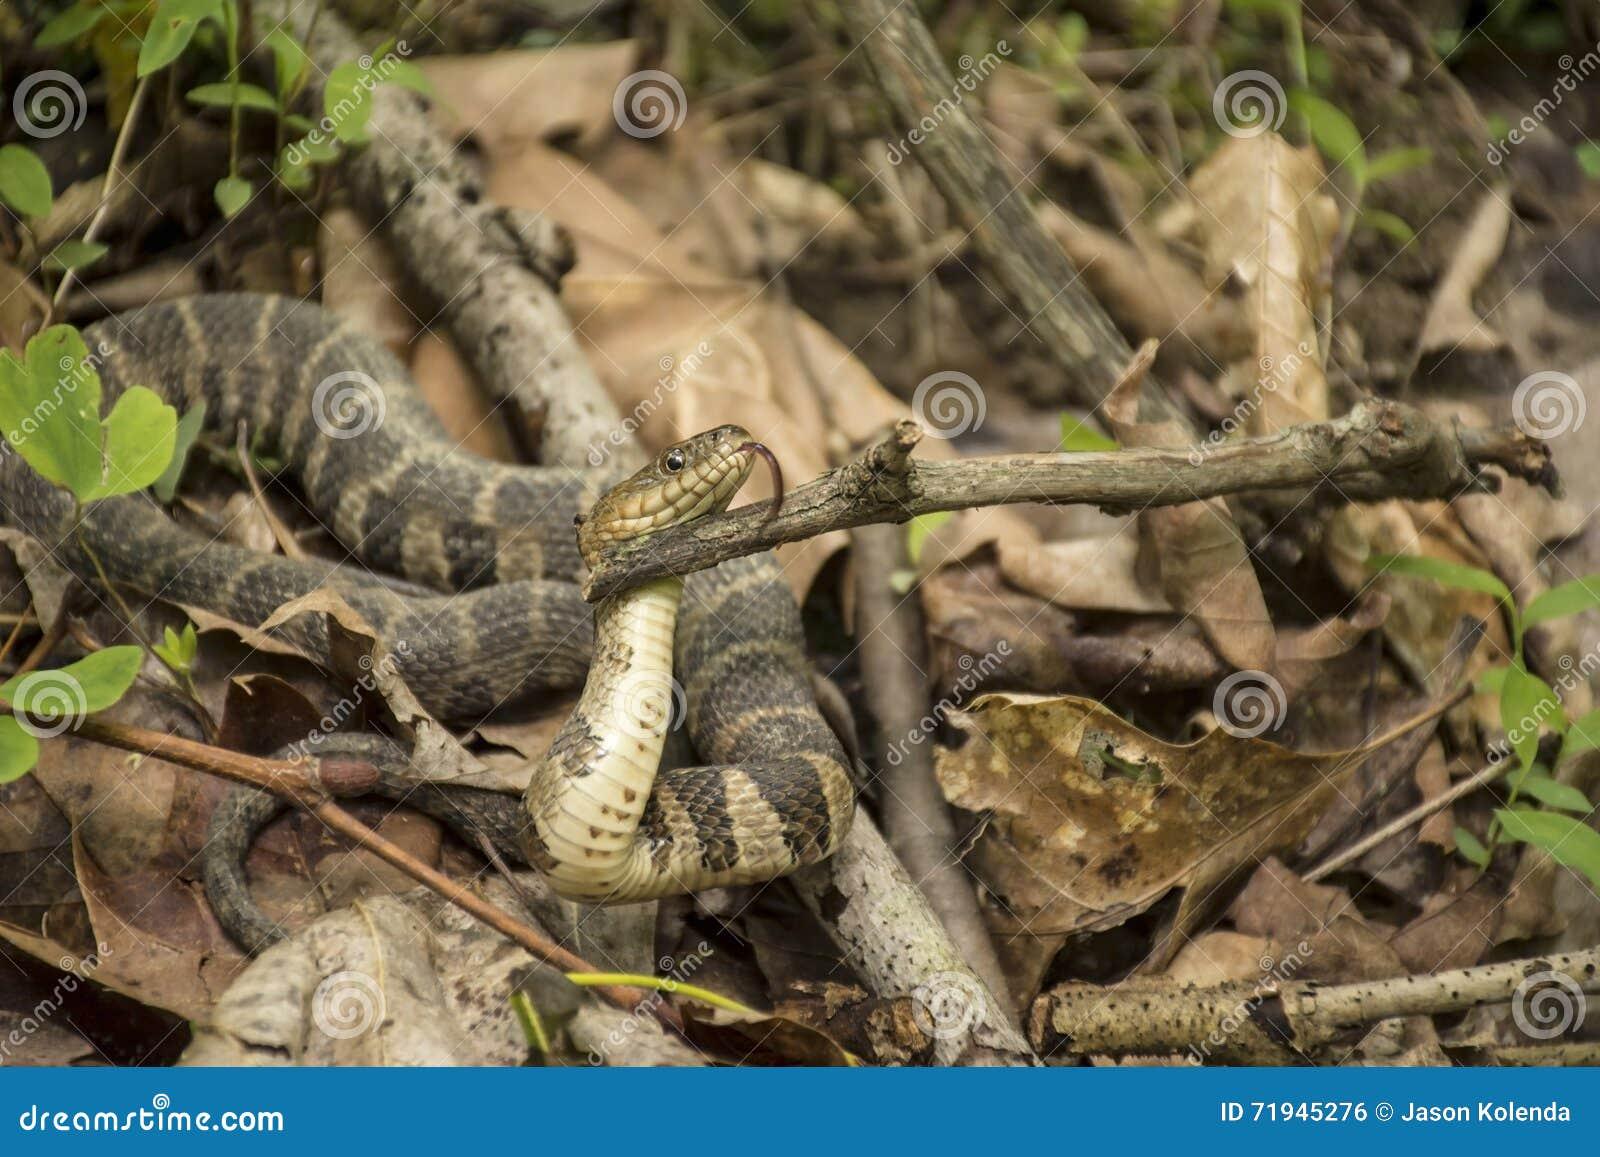 Северная змейка воды - показывать язык